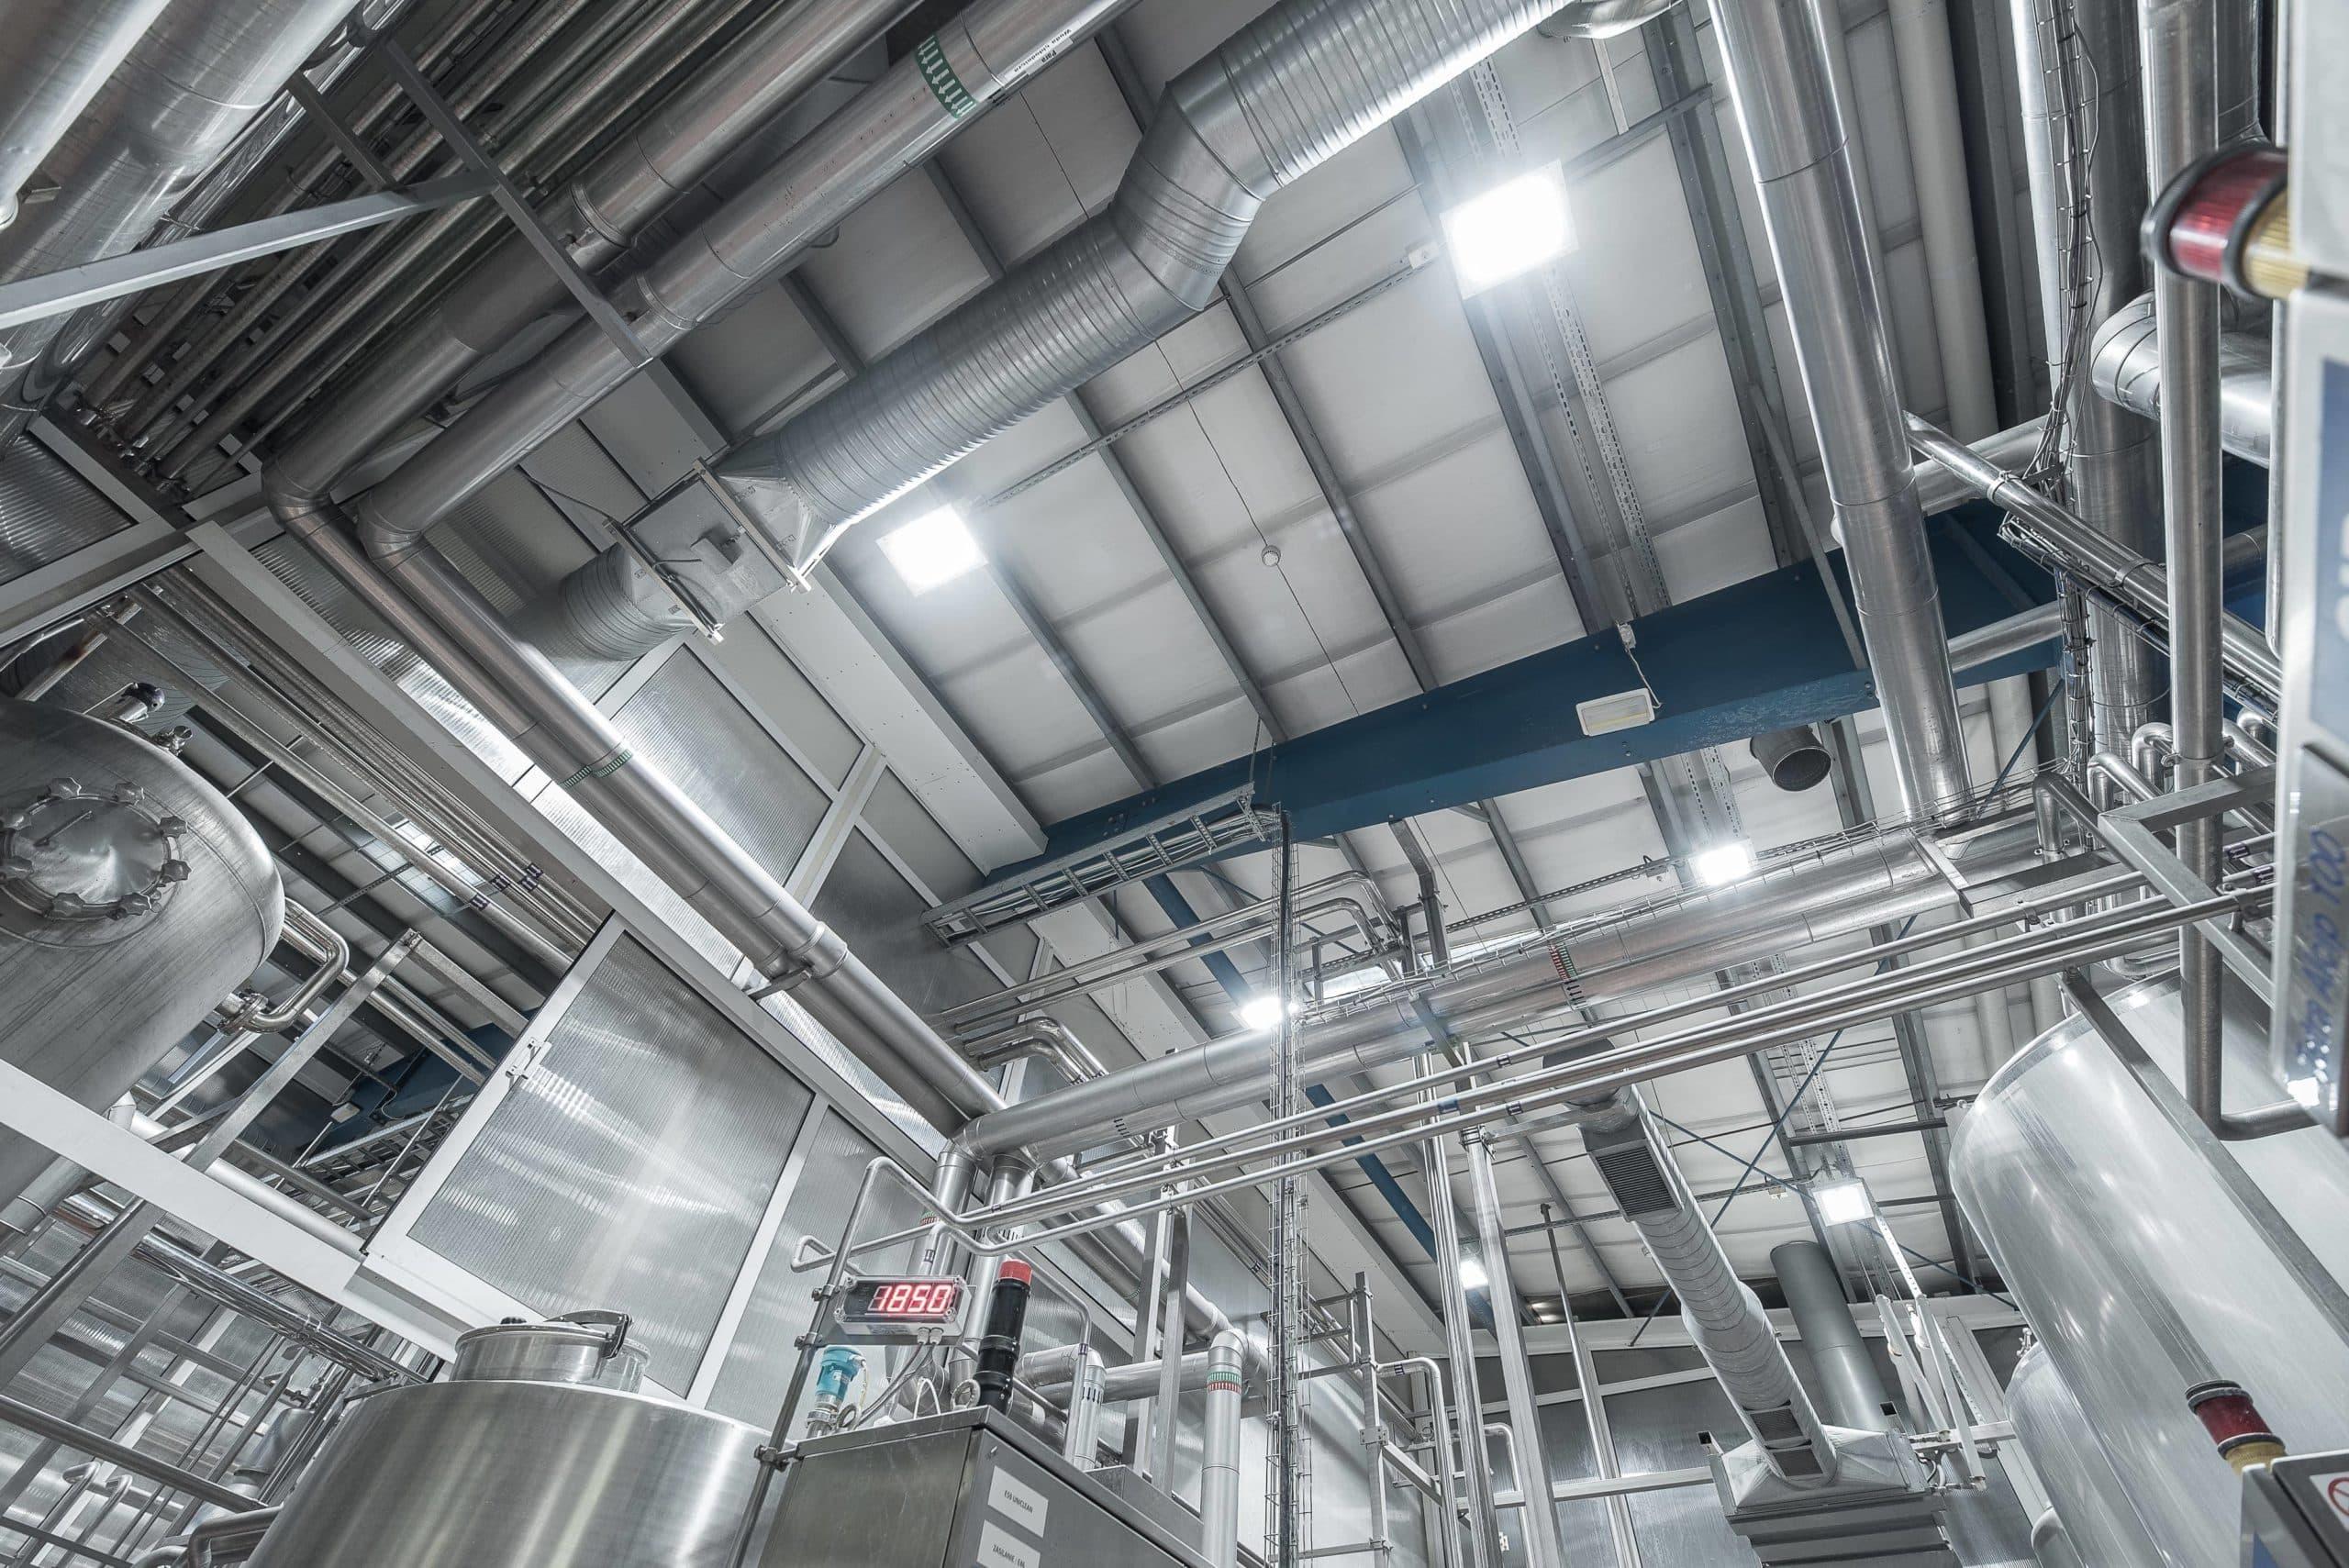 Oprawy Highbay w zakładzie produkcyjnym firmy PepsiCo - Luxon LED